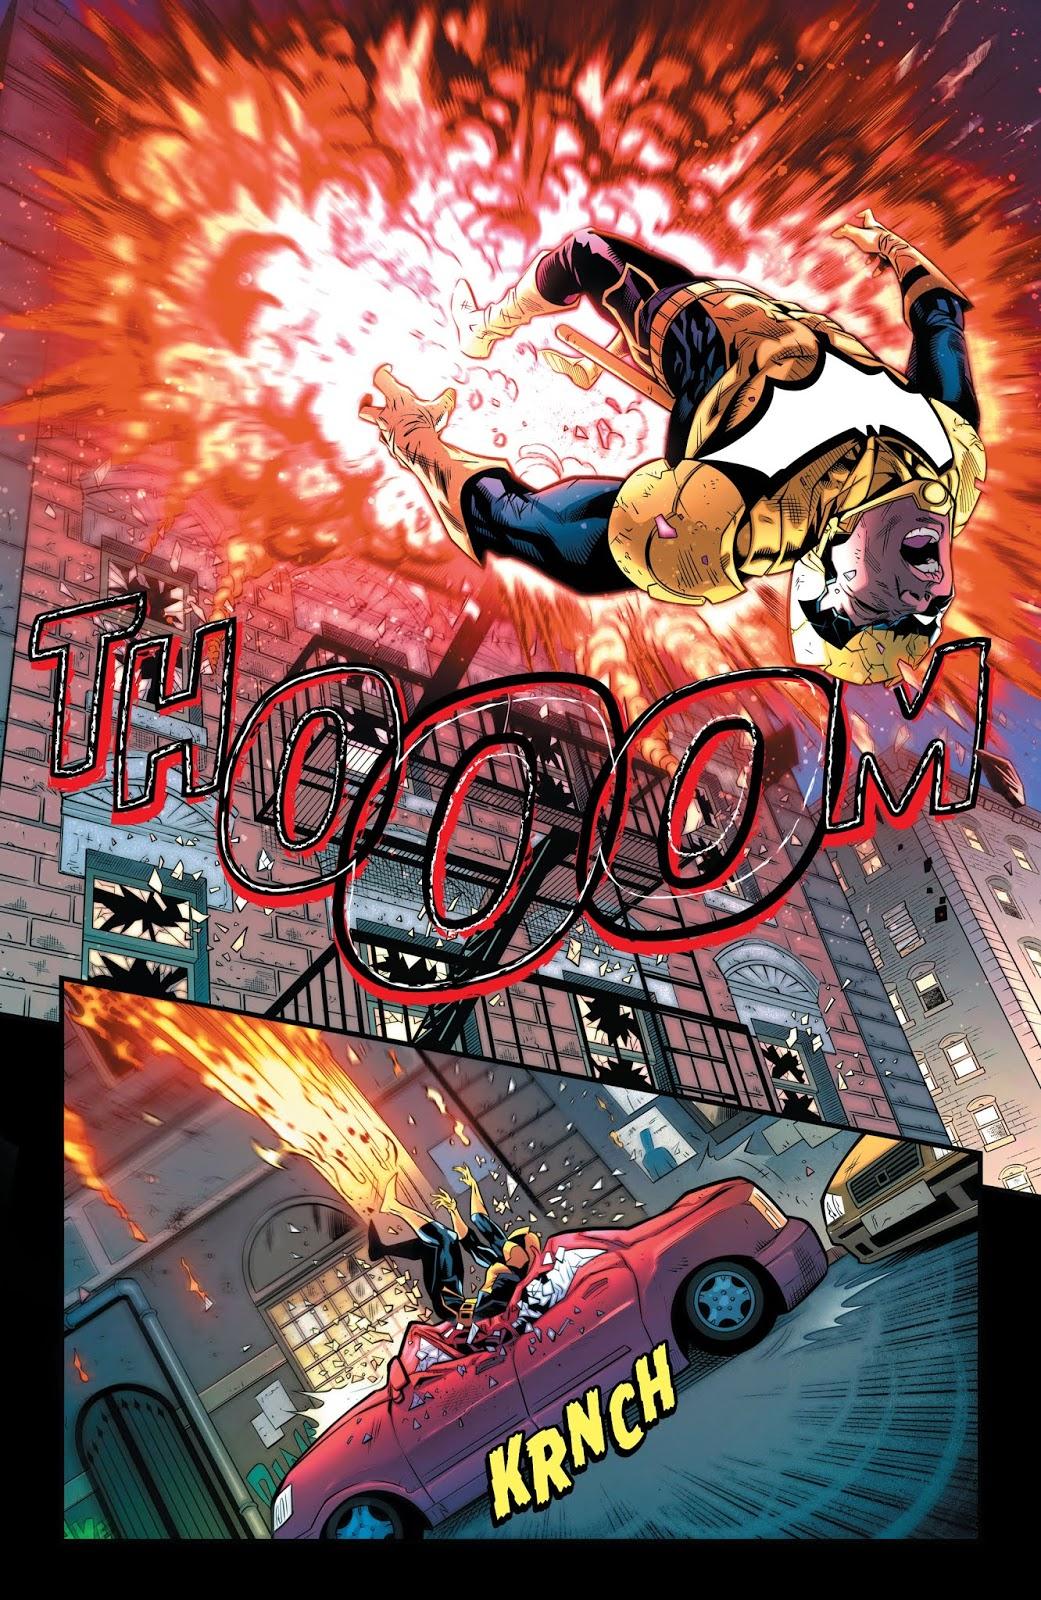 The Signal (Detective Comics Vol. 1 #983)